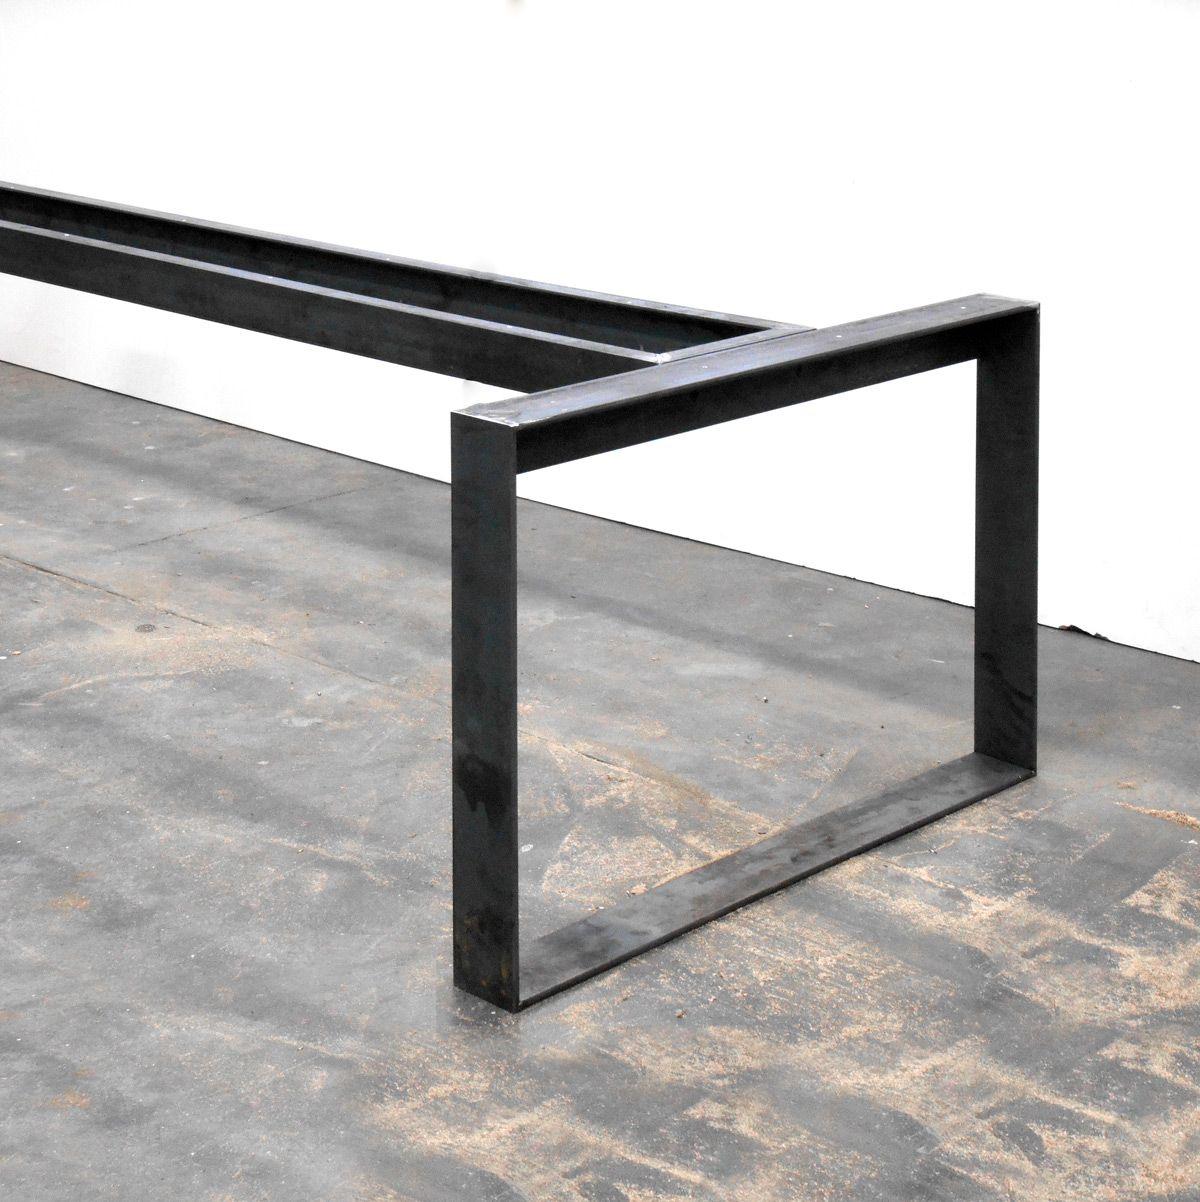 denis romainville tables am nagement int table pieds de table et pied table acier. Black Bedroom Furniture Sets. Home Design Ideas